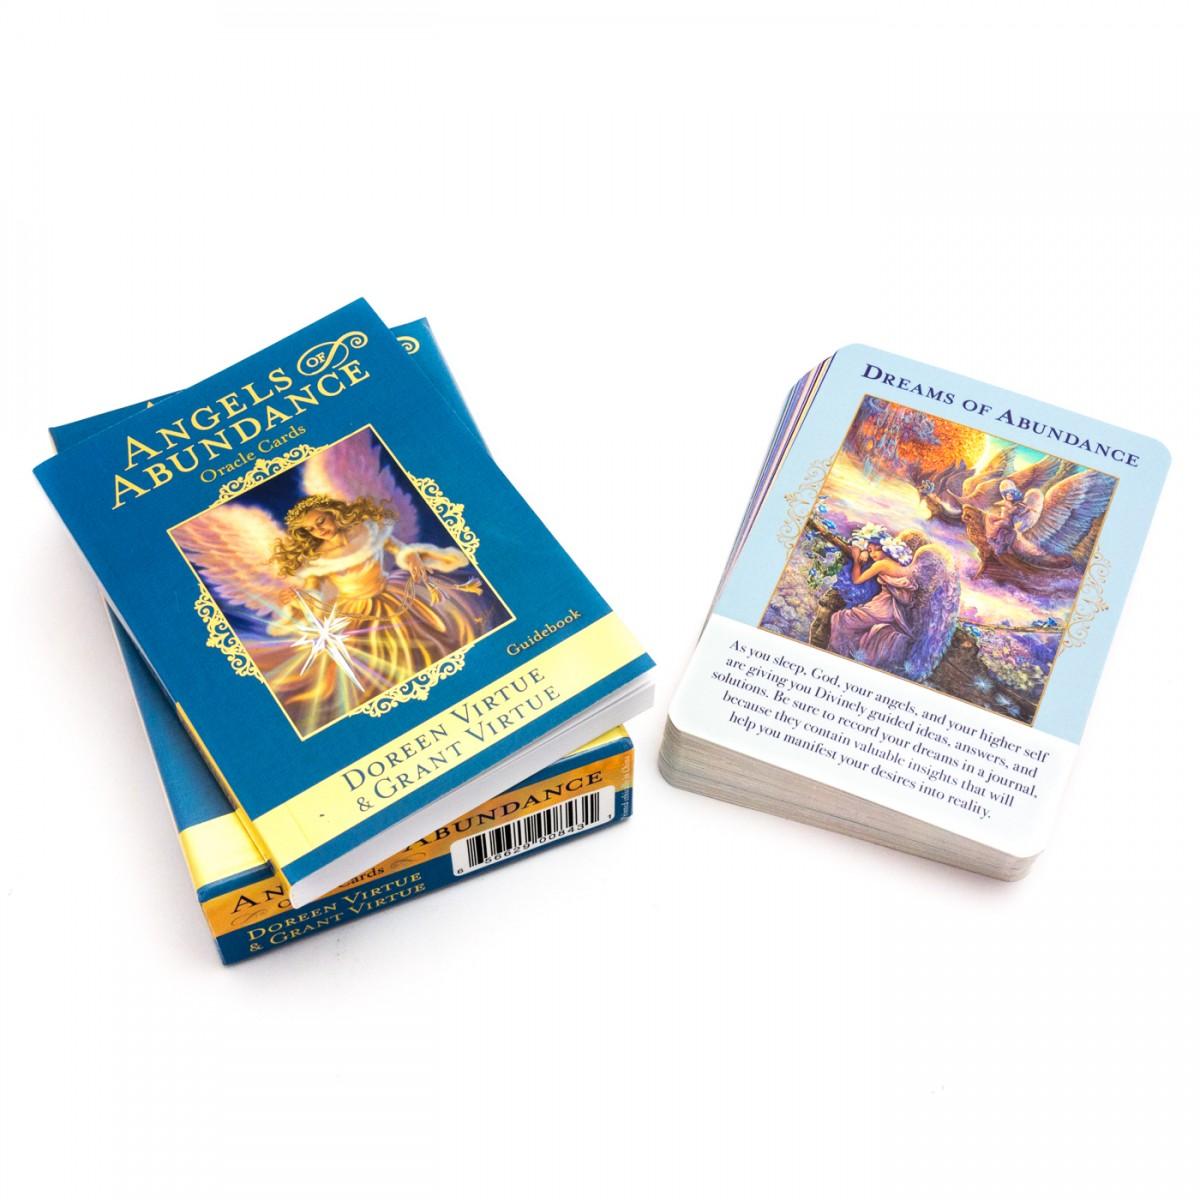 Angel of abundance 9781401944445Img-2